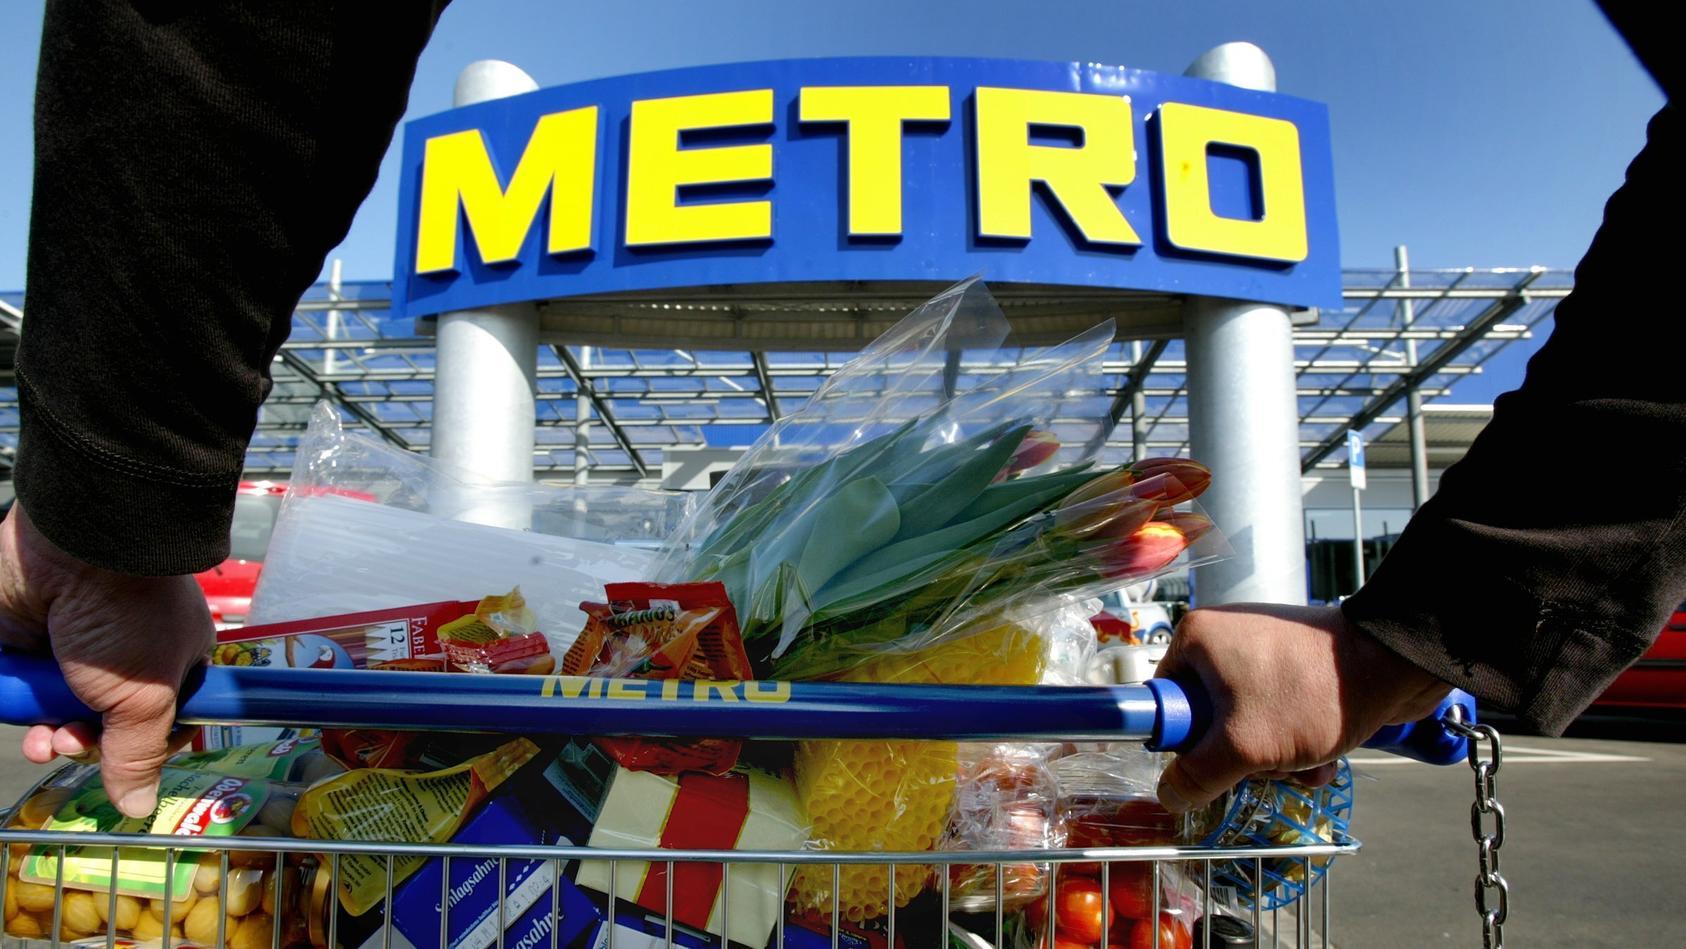 Metro öffnet in NRW für alle Verbraucher bis Ende Januar.